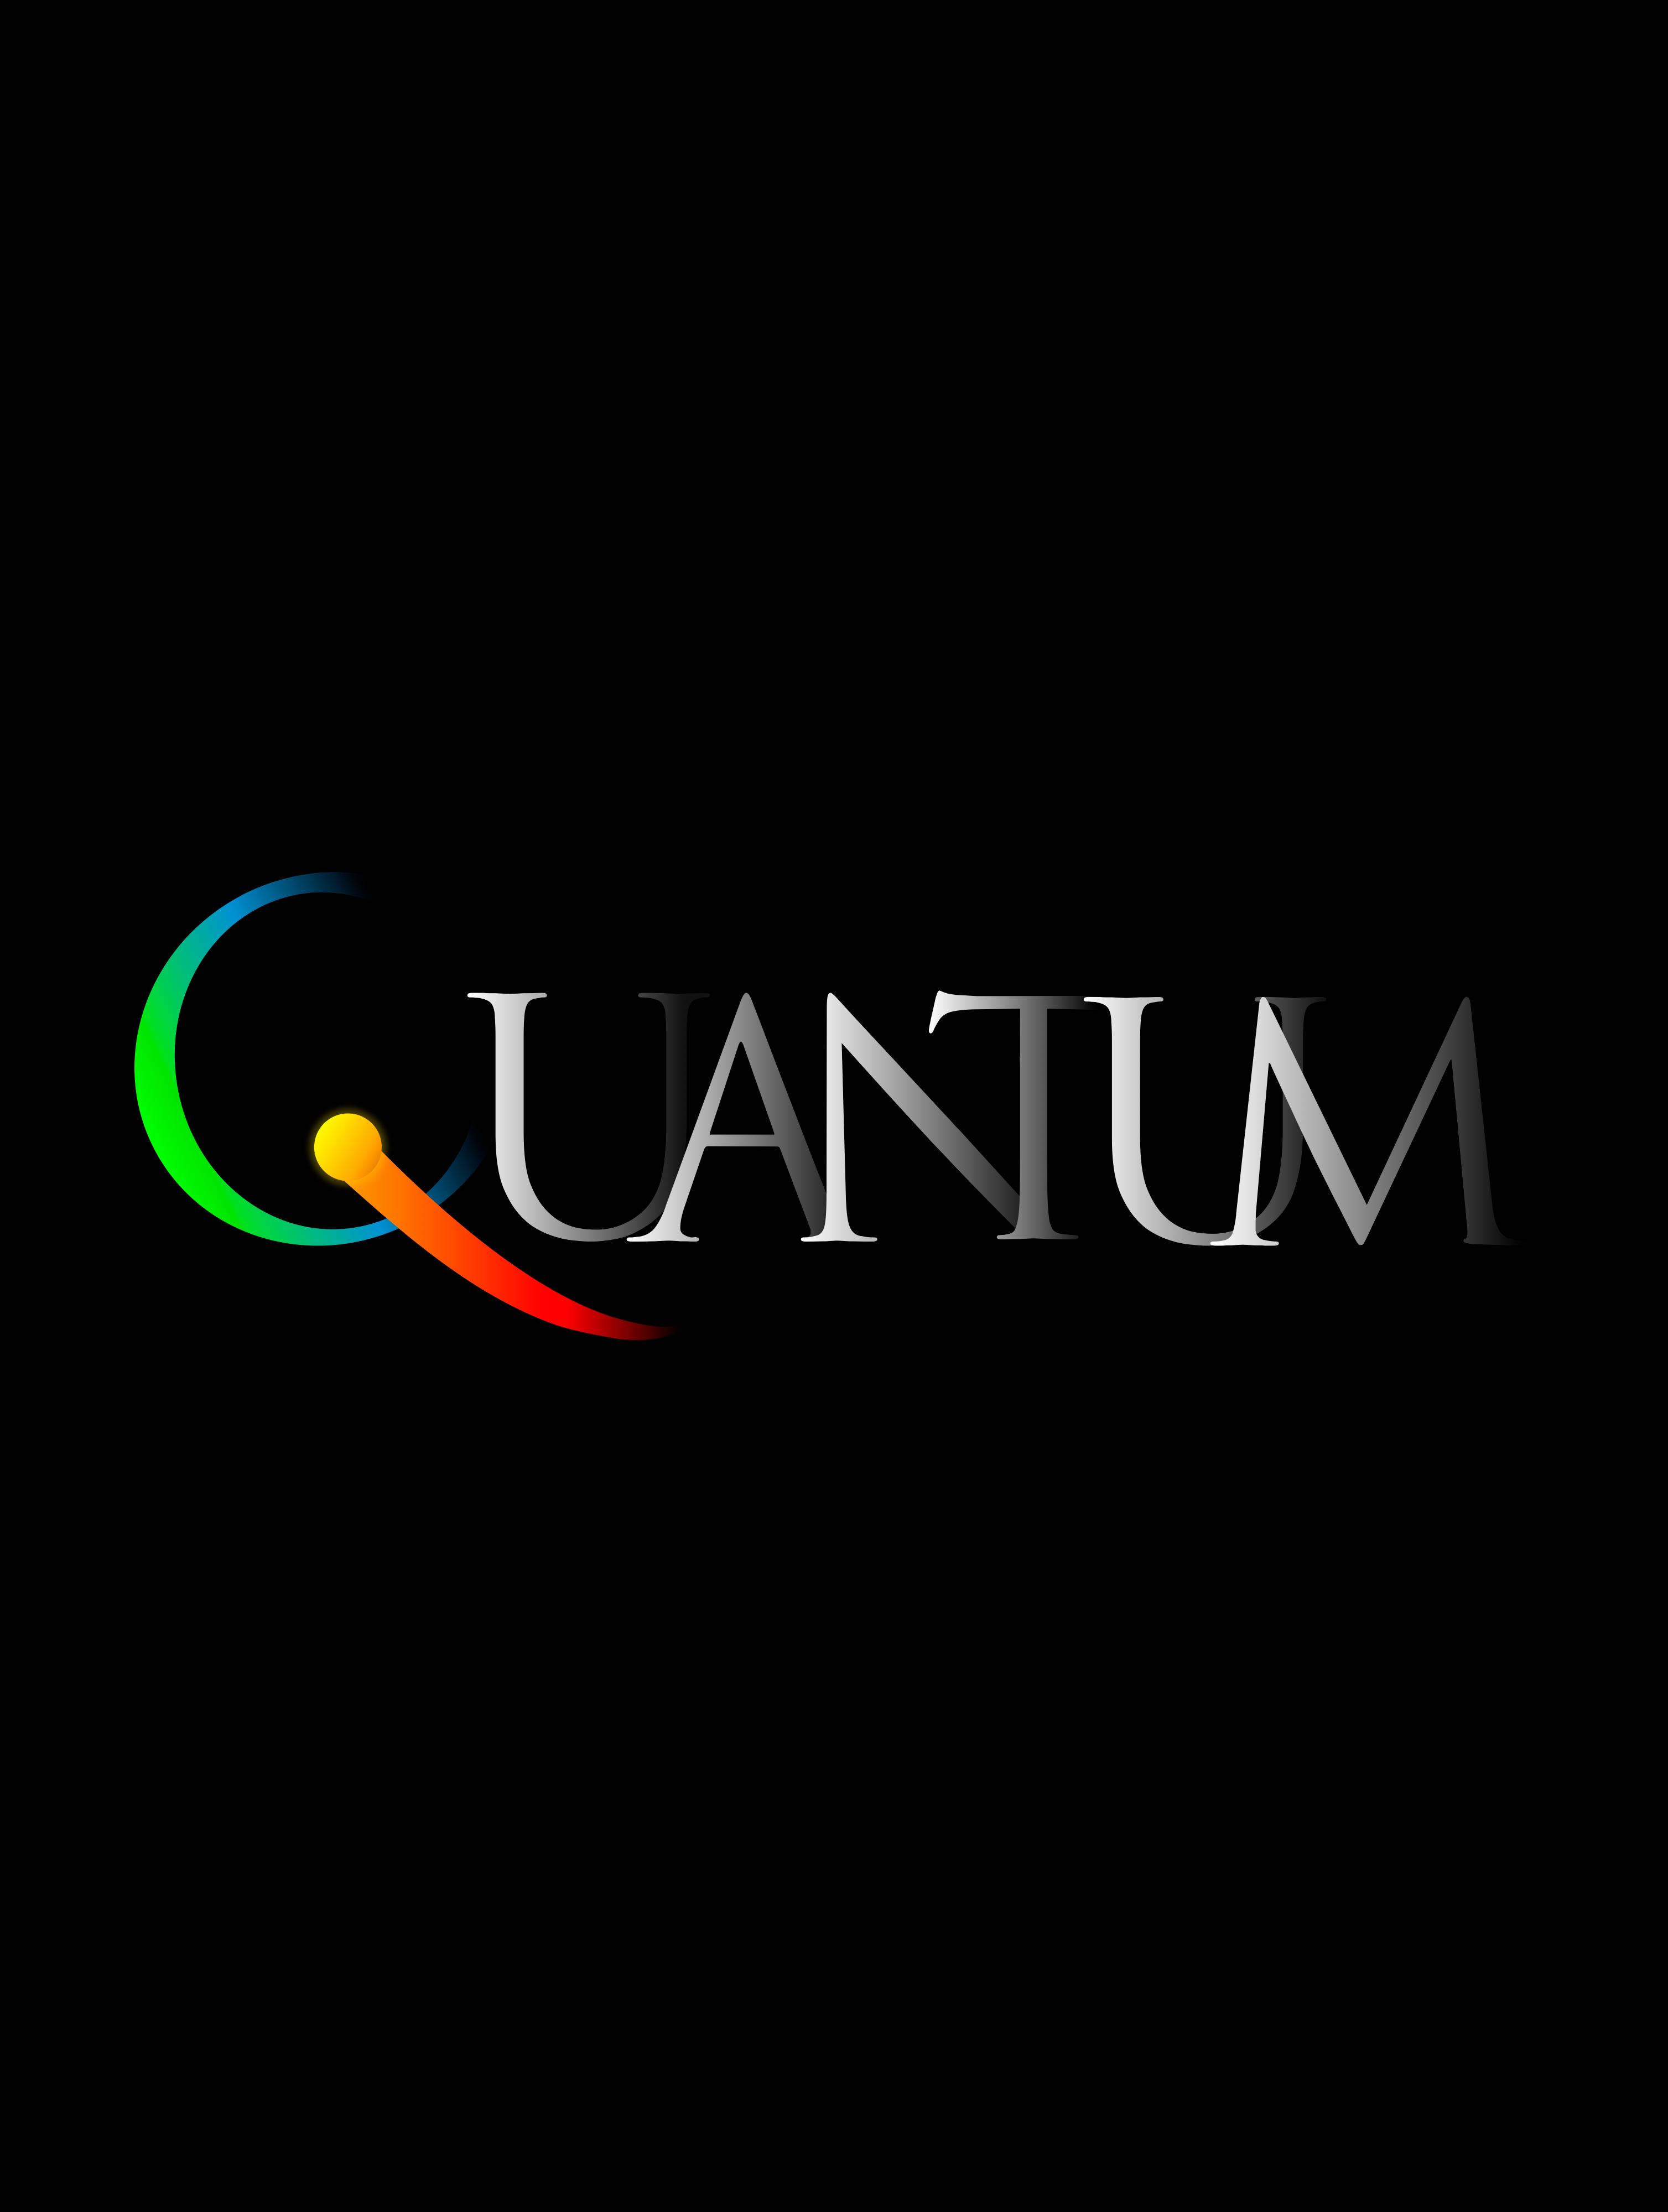 Редизайн логотипа бренда интеллектуальной игры фото f_4005bc5ec2412b9c.png